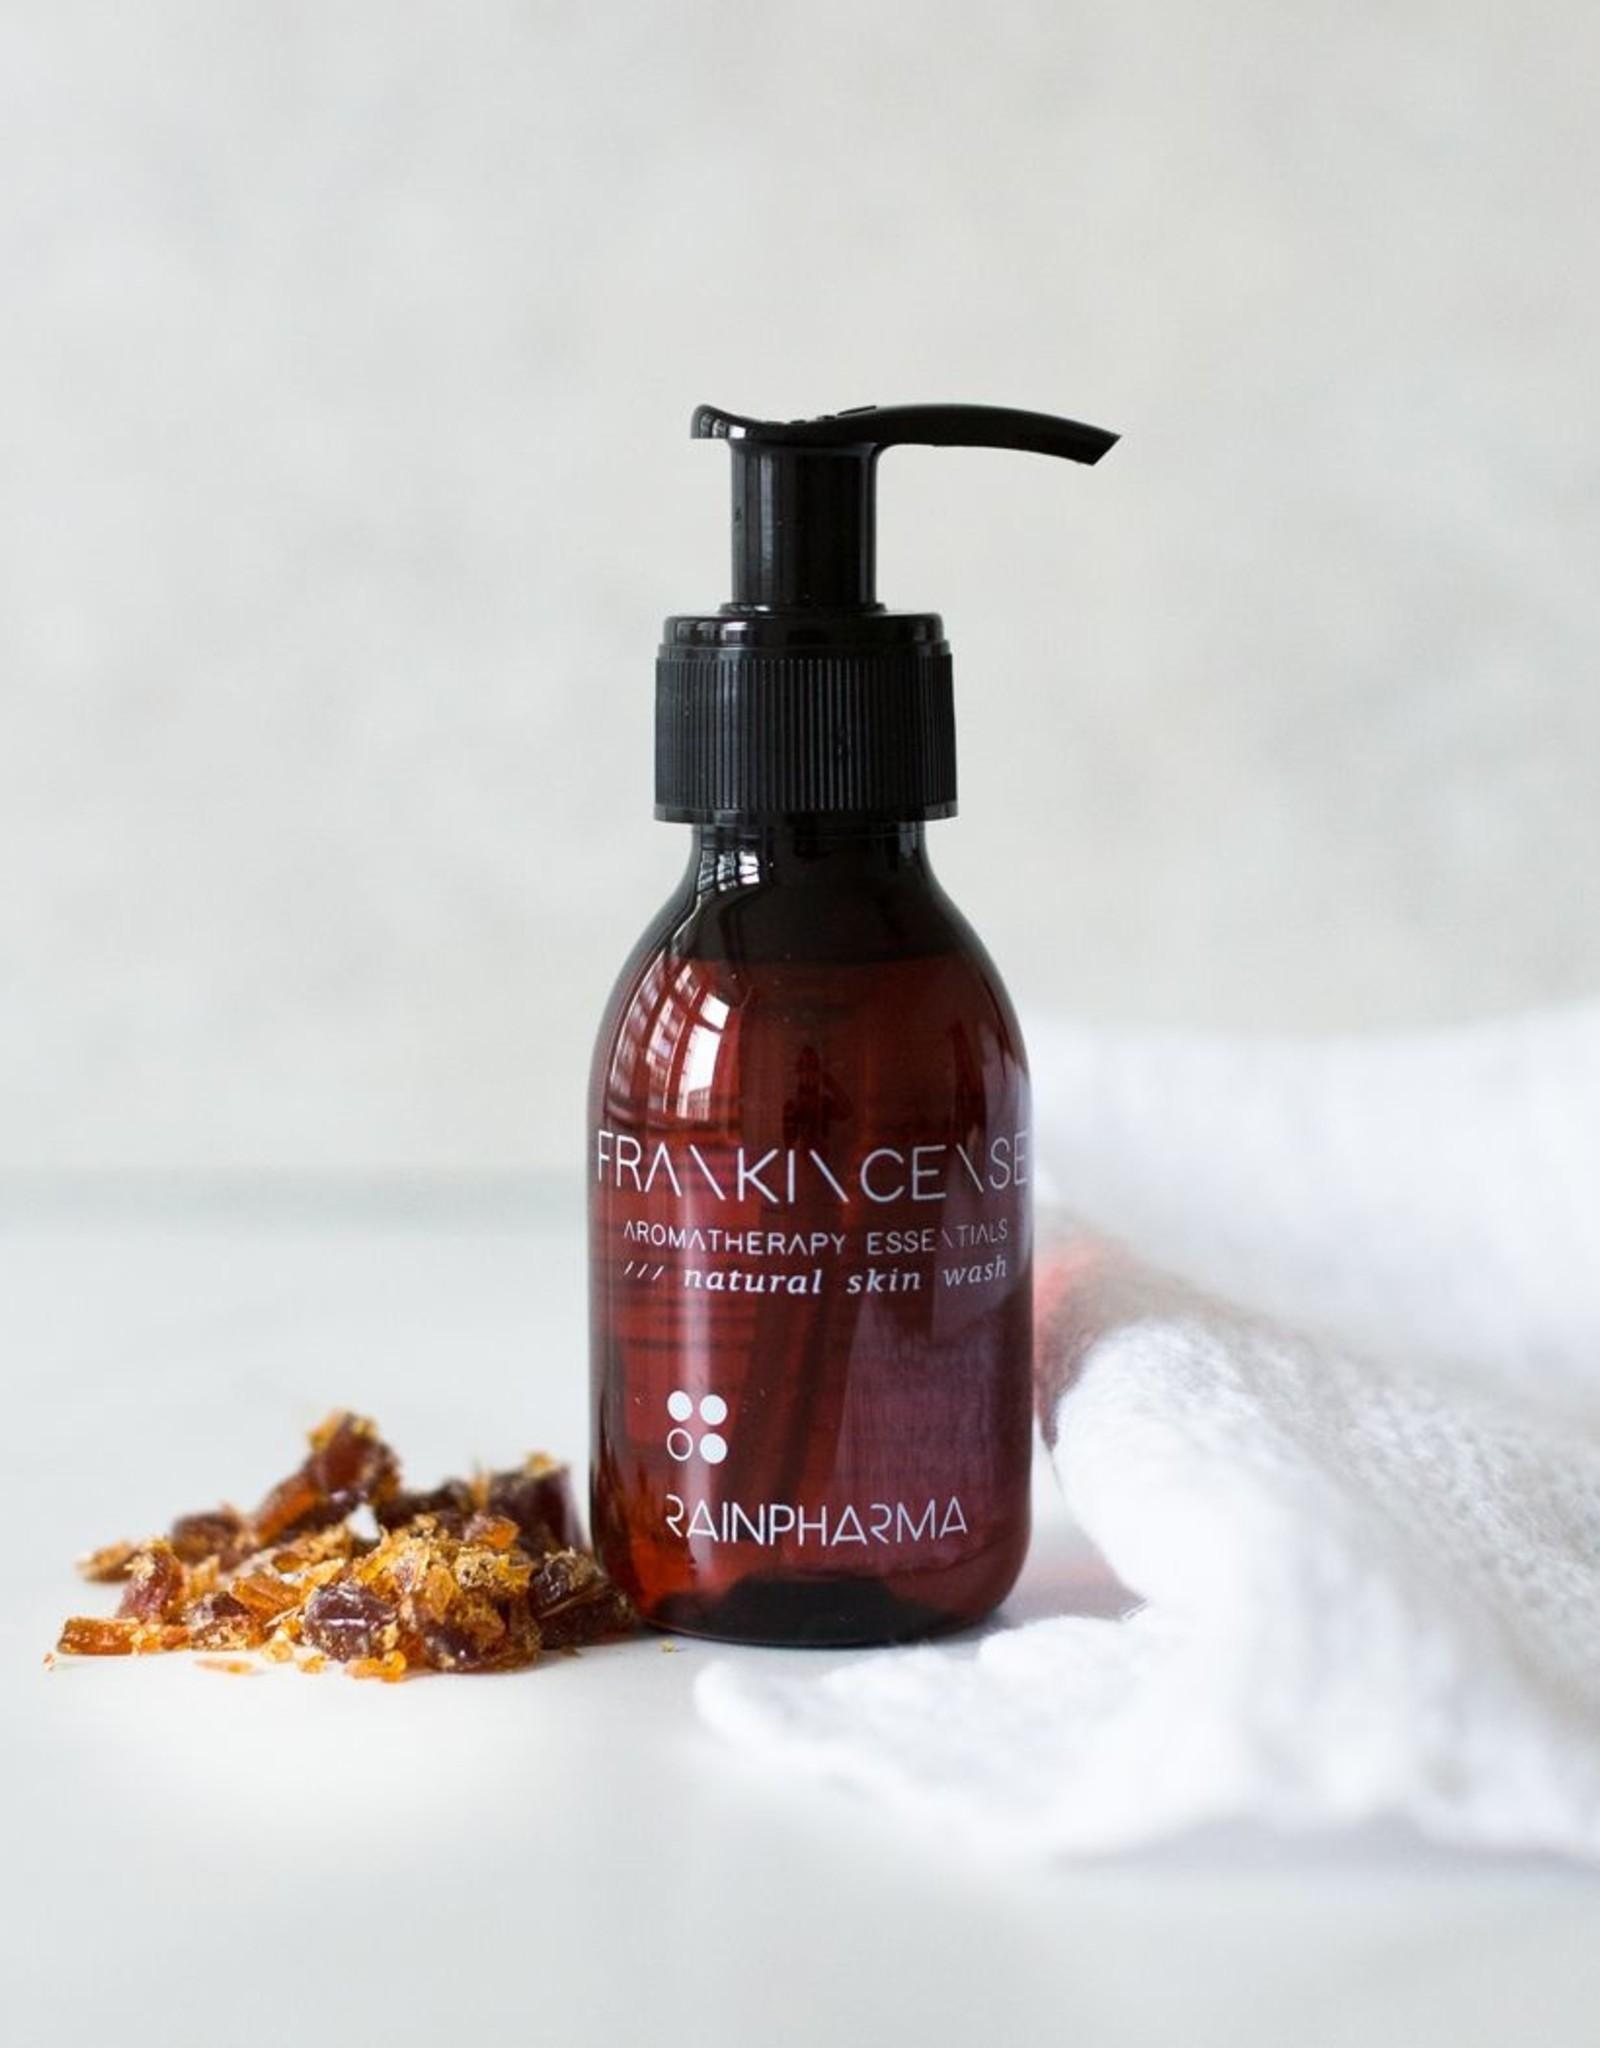 RainPharma Rainpharma - Skin Wash Frankincense 100ml